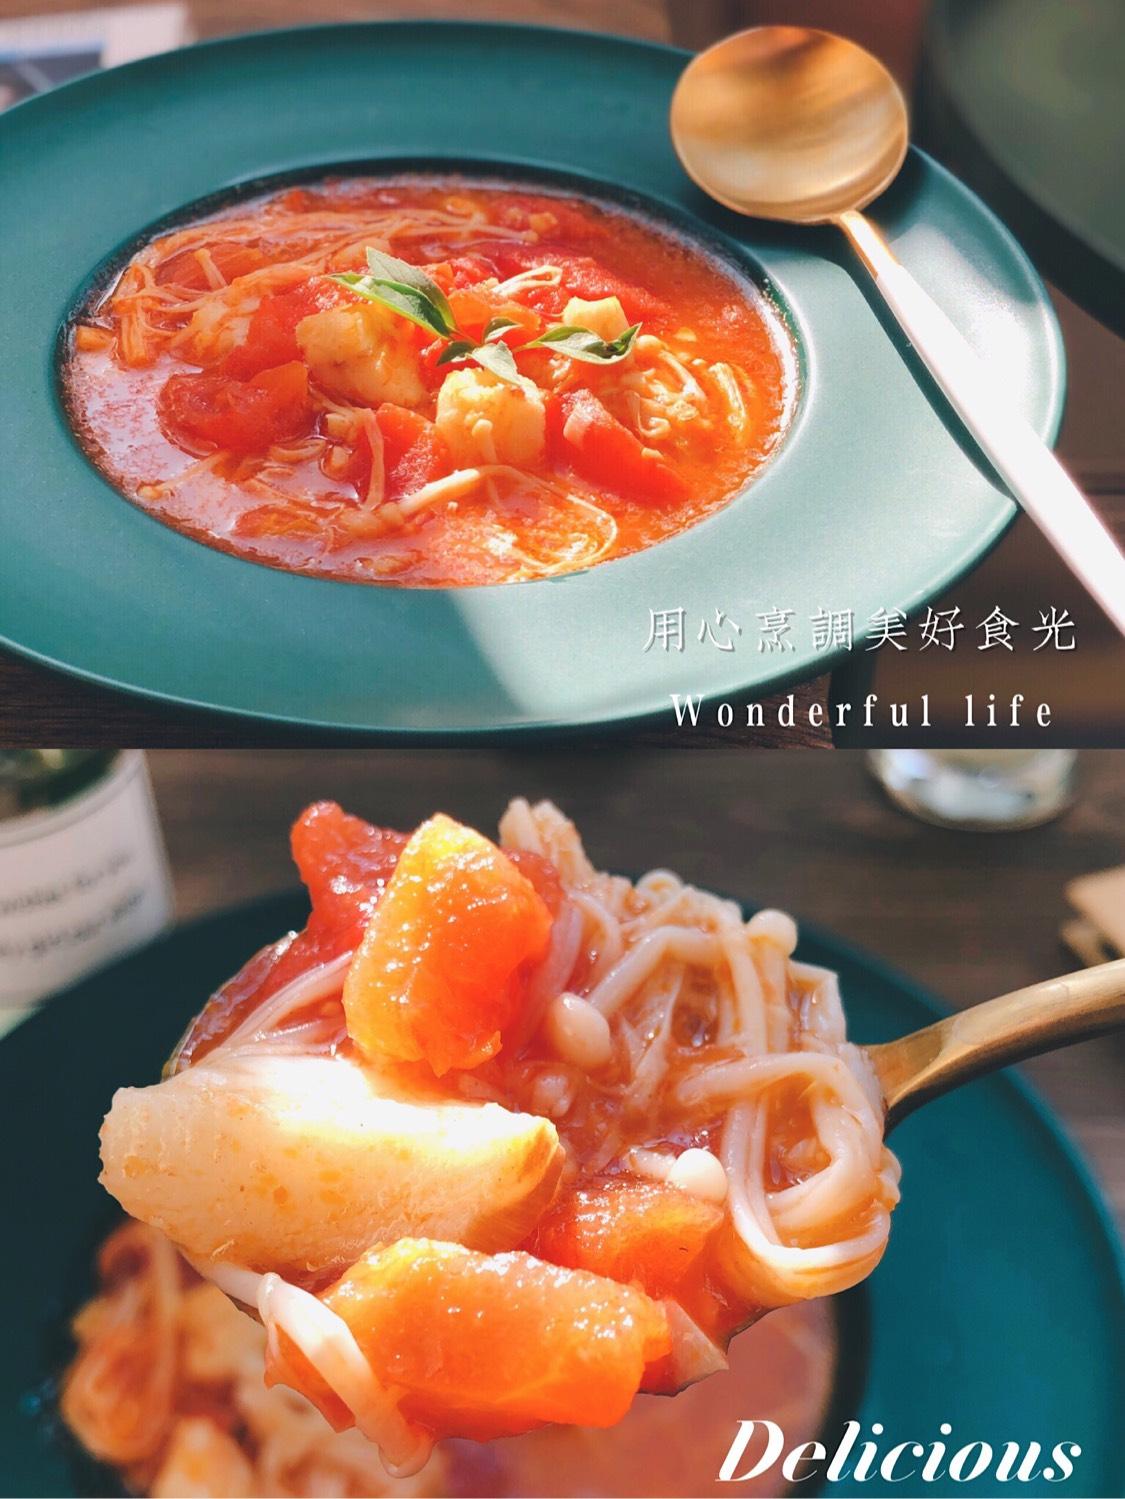 【番茄金针菇龙利鱼浓汤】 秋日的餐桌